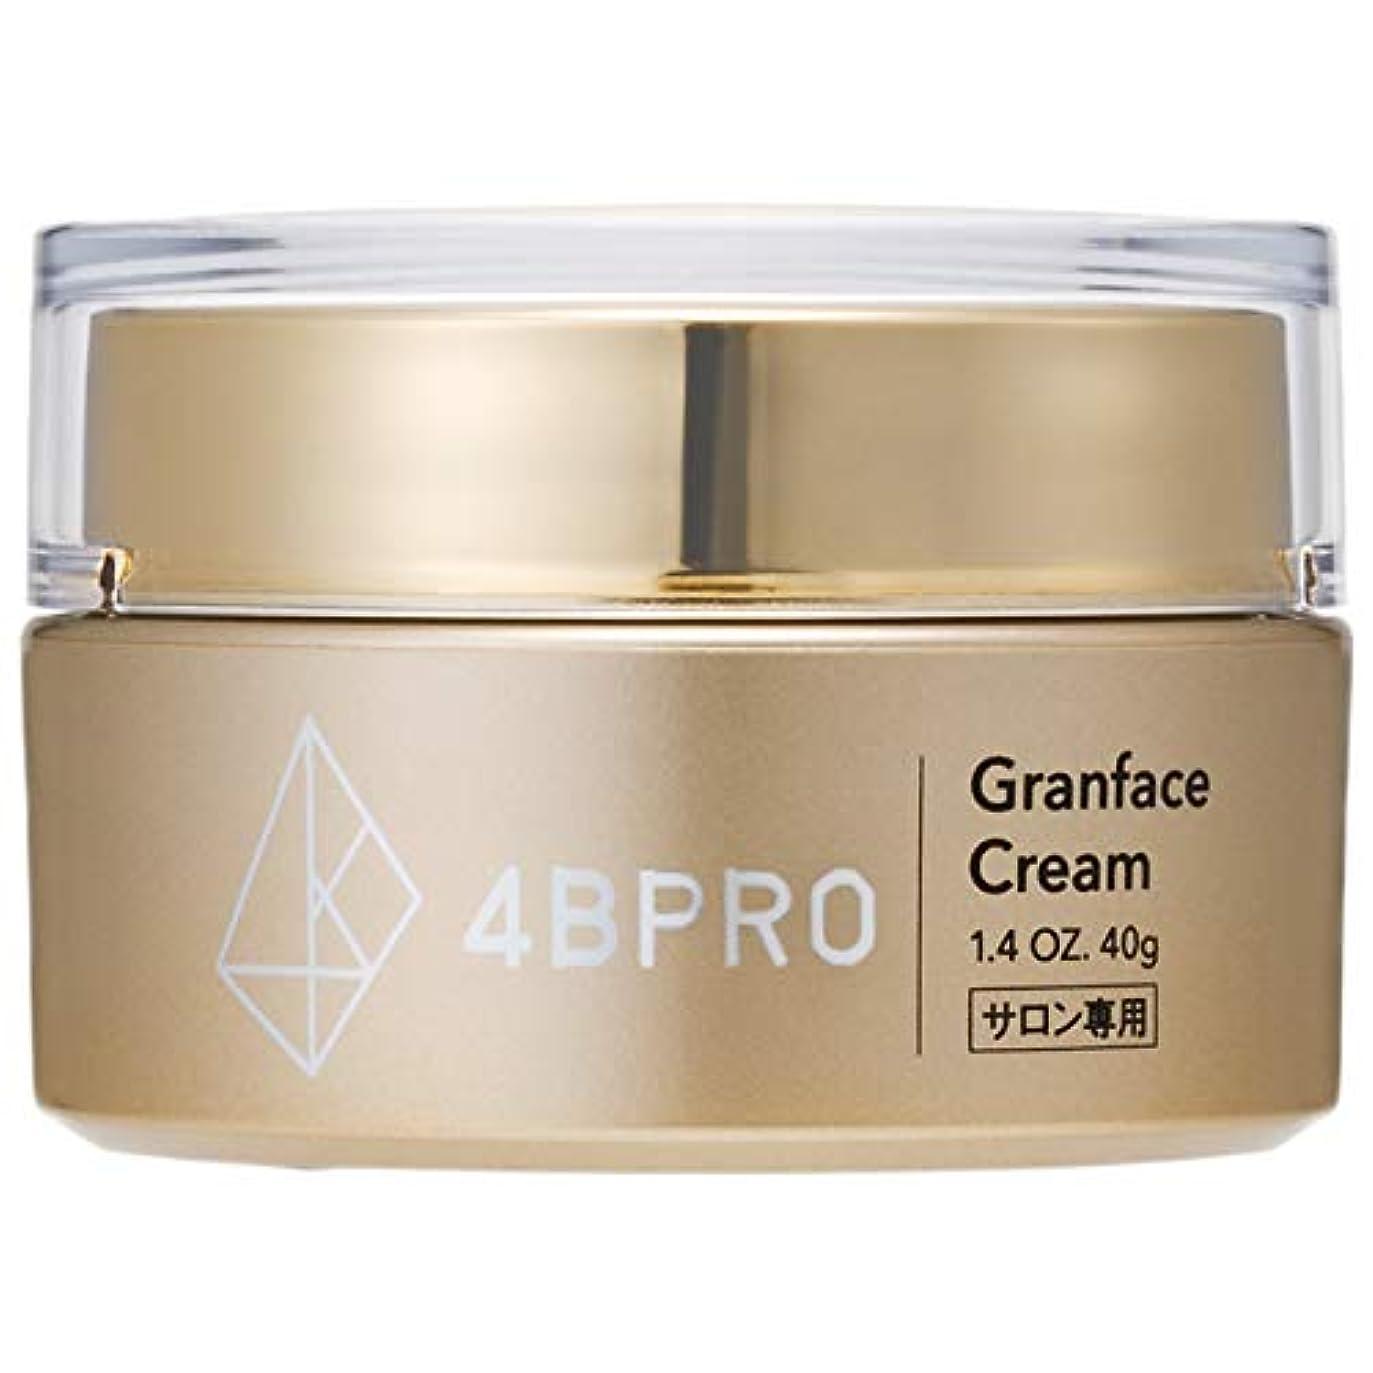 ストリップ空虚答え4BPRO GranFace Cream(フォービープロ グランフェイスクリーム)フェイスクリーム 高浸透型ヒアルロン酸、抗炎症、抗酸化、美白美容成分配合 40g